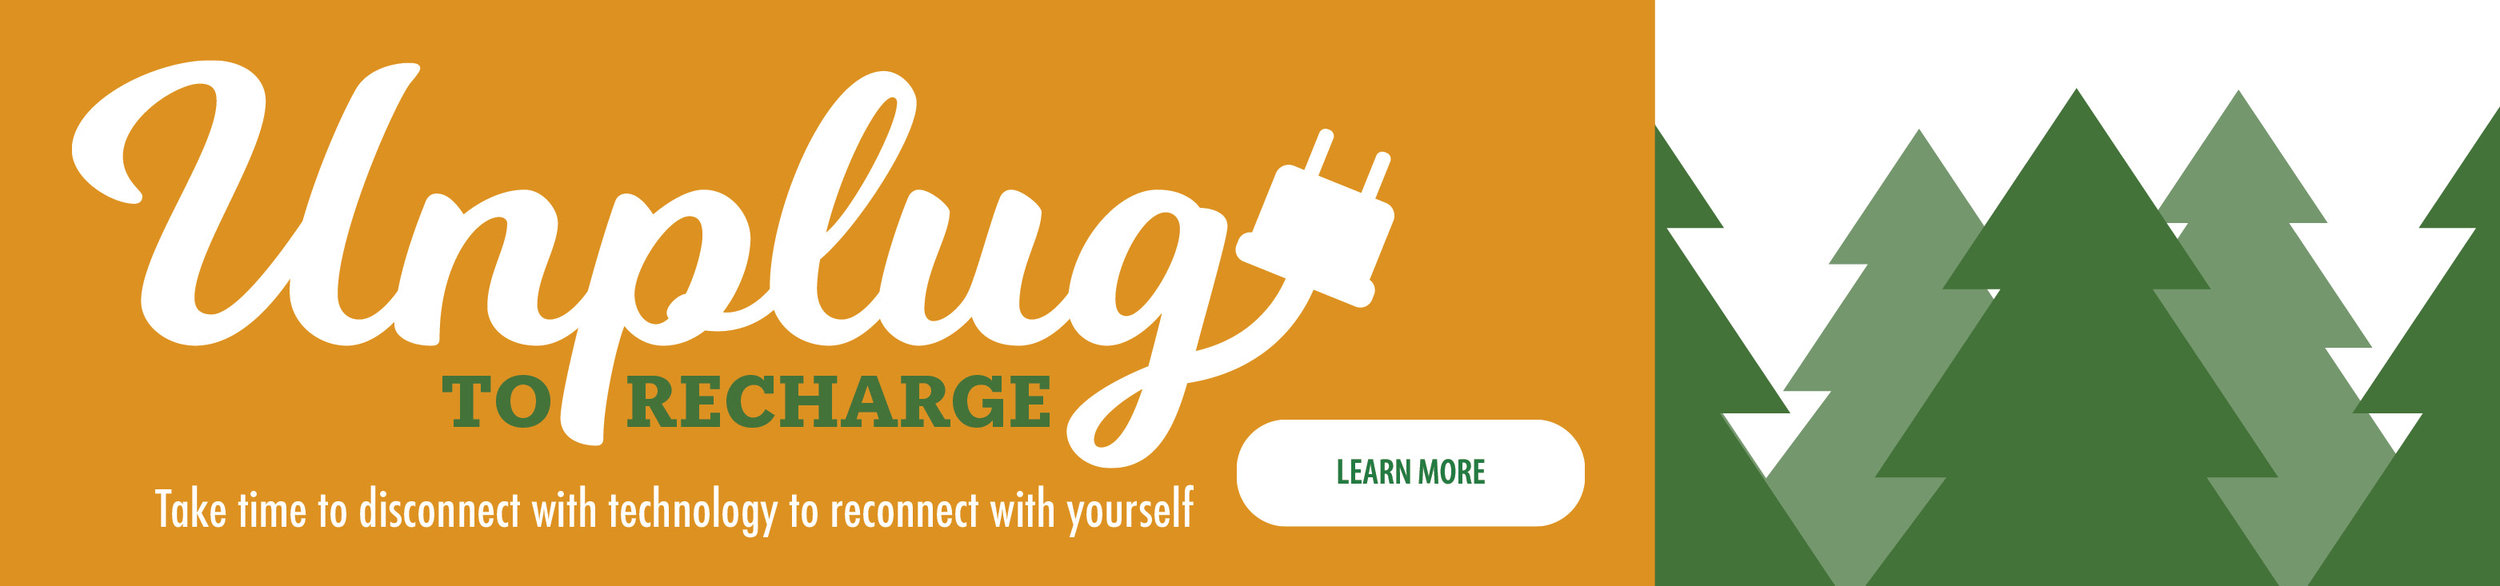 Digital Detox Fredericton Yoga - Everyday Weekend.jpg